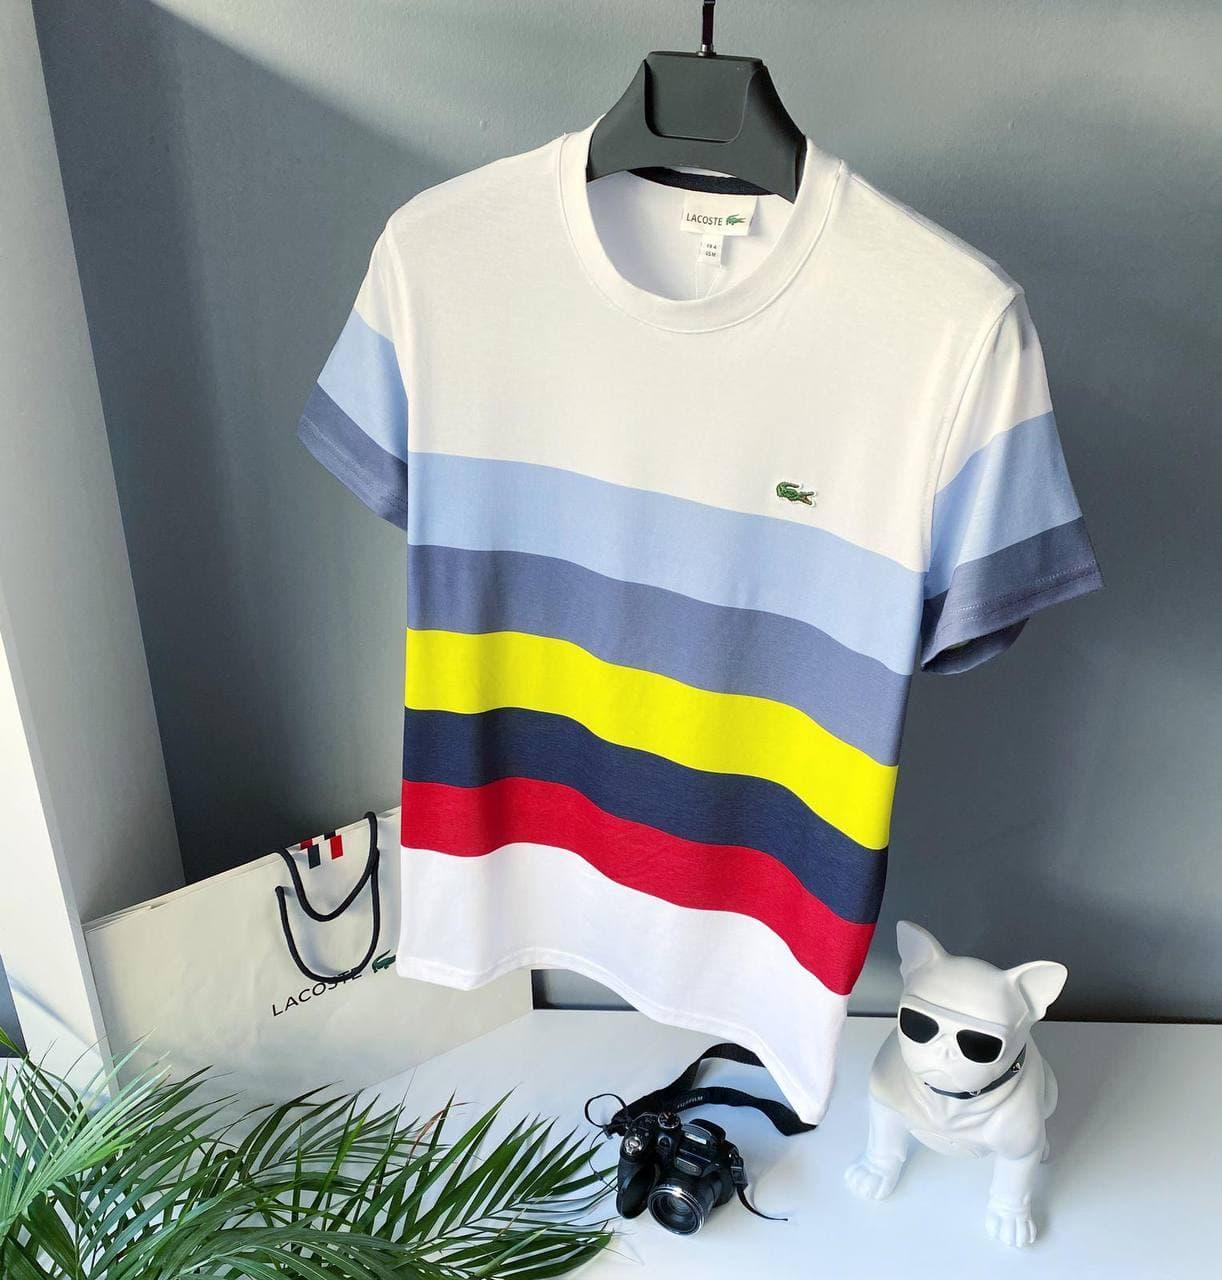 Мужская футболка Lacoste белого цвета с цветными полосами